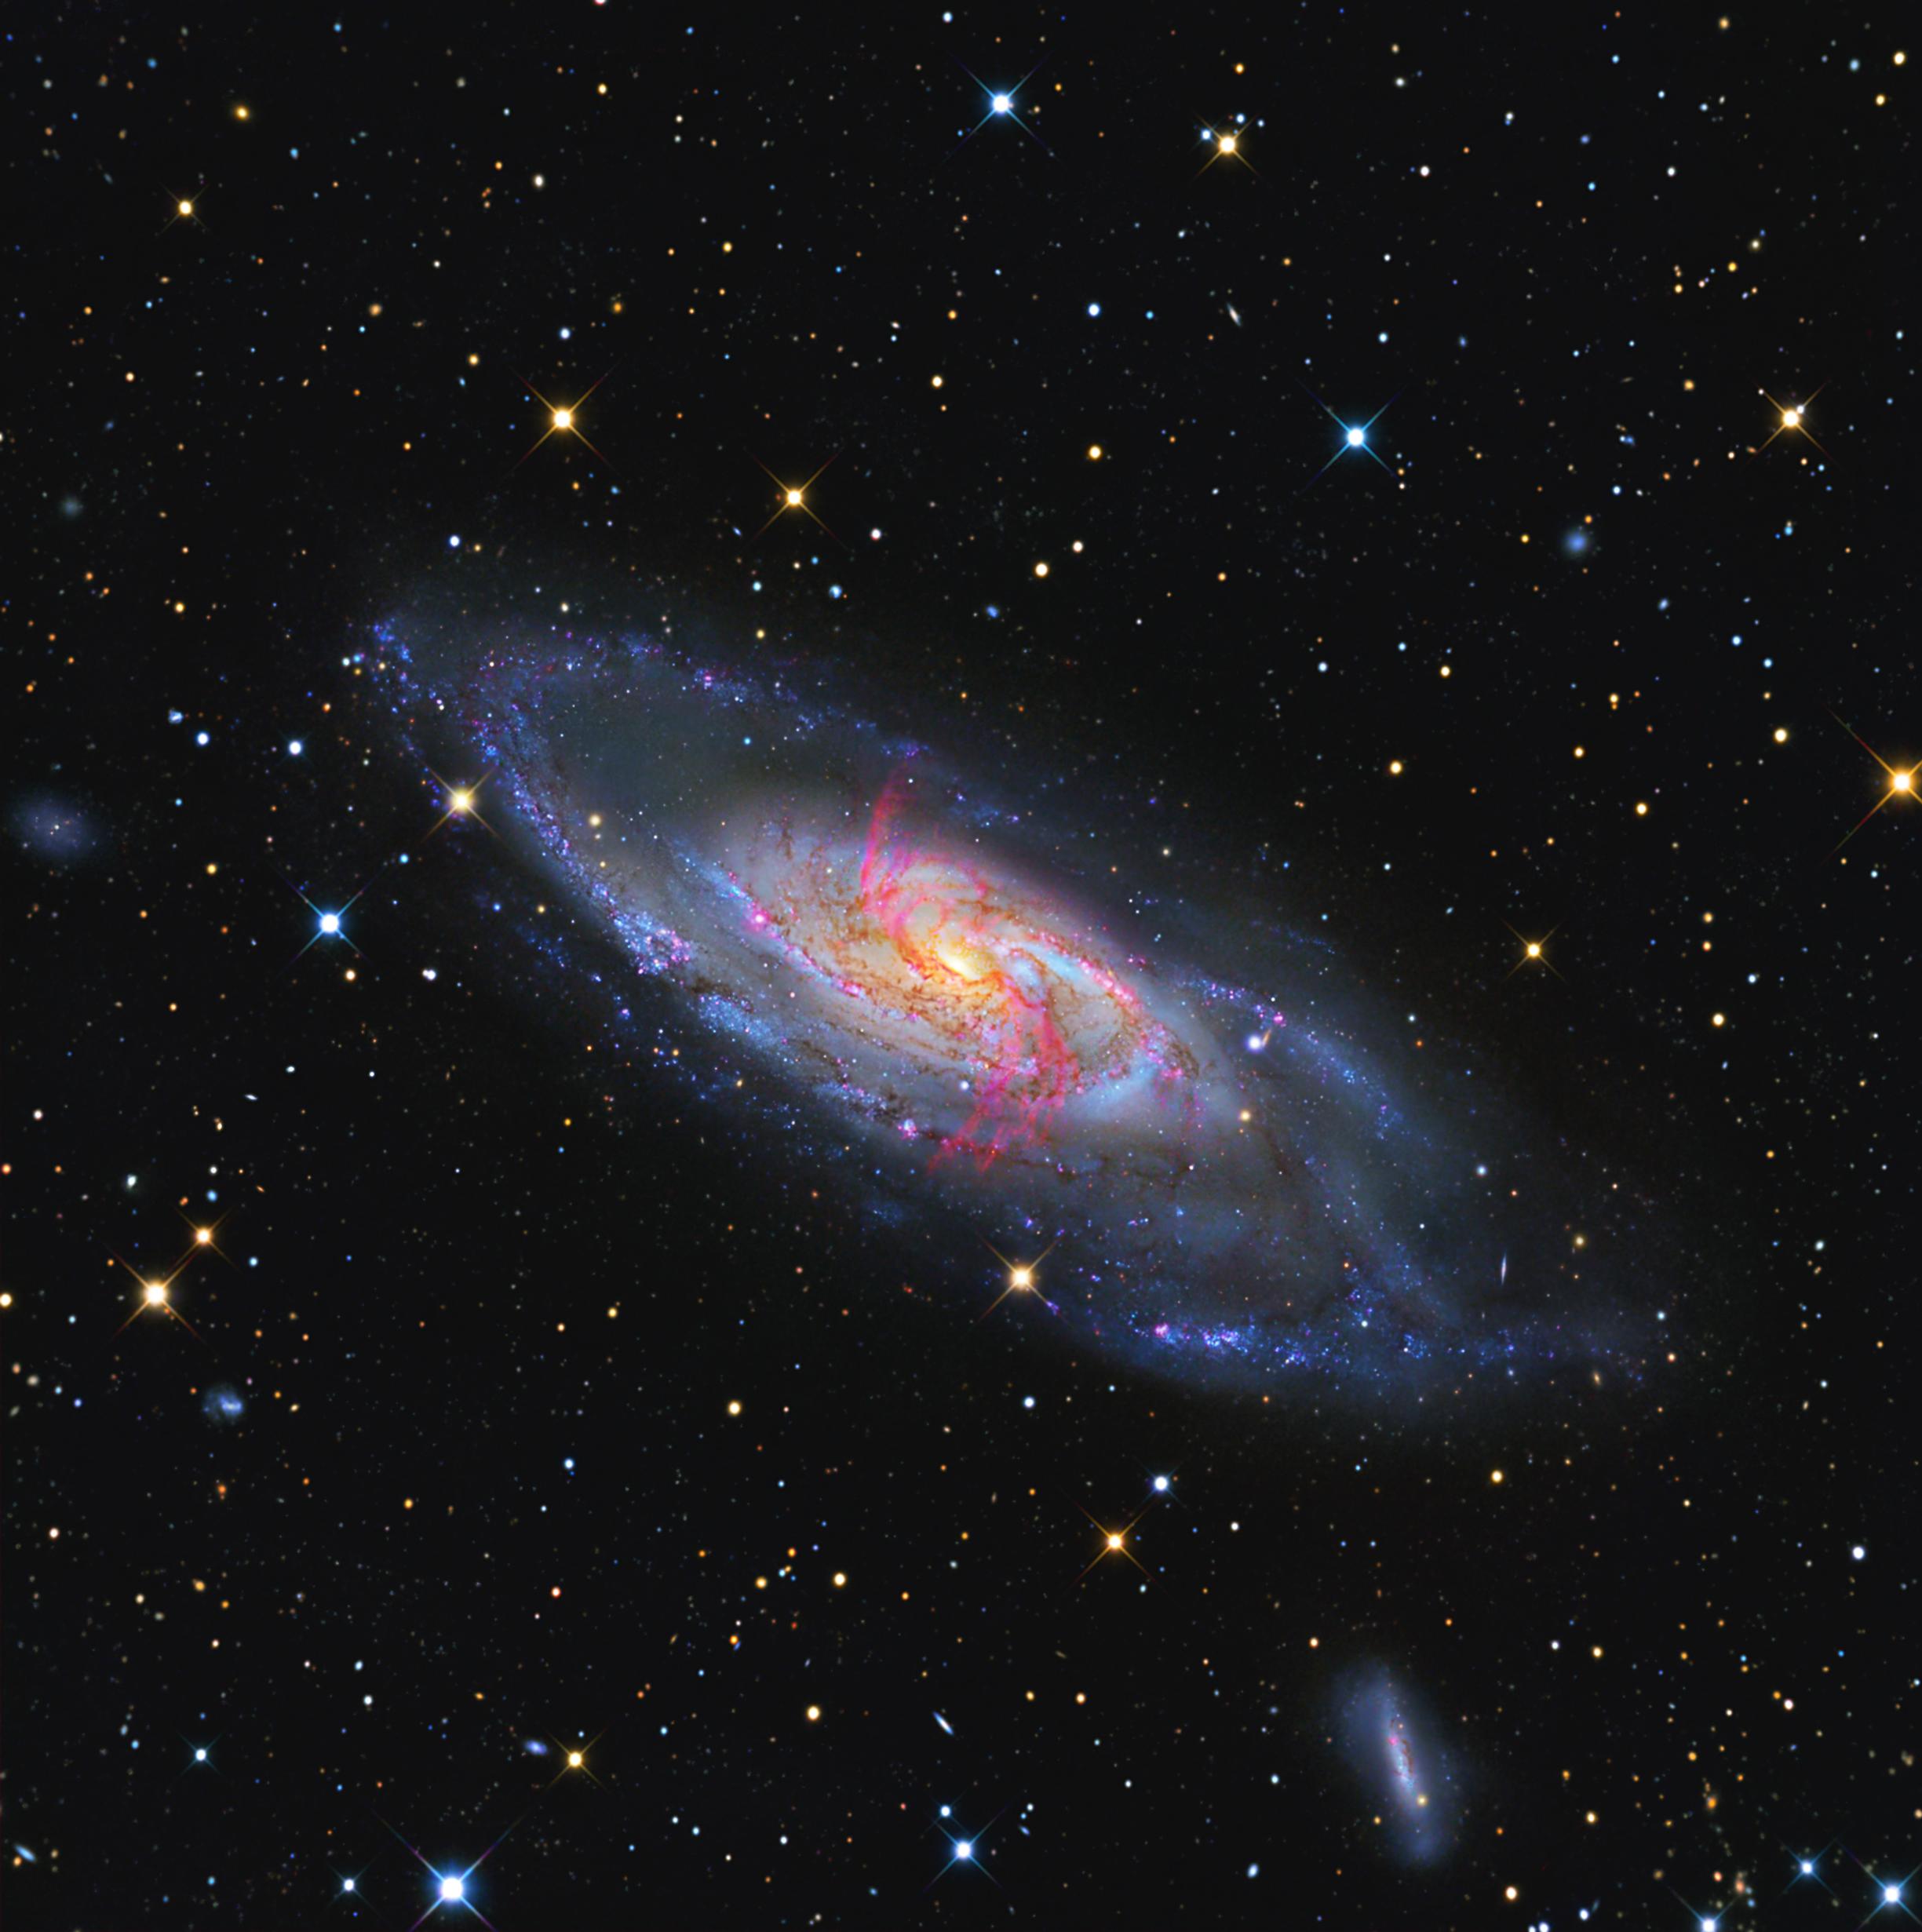 APOD: 2011 March 19 - Messier 106